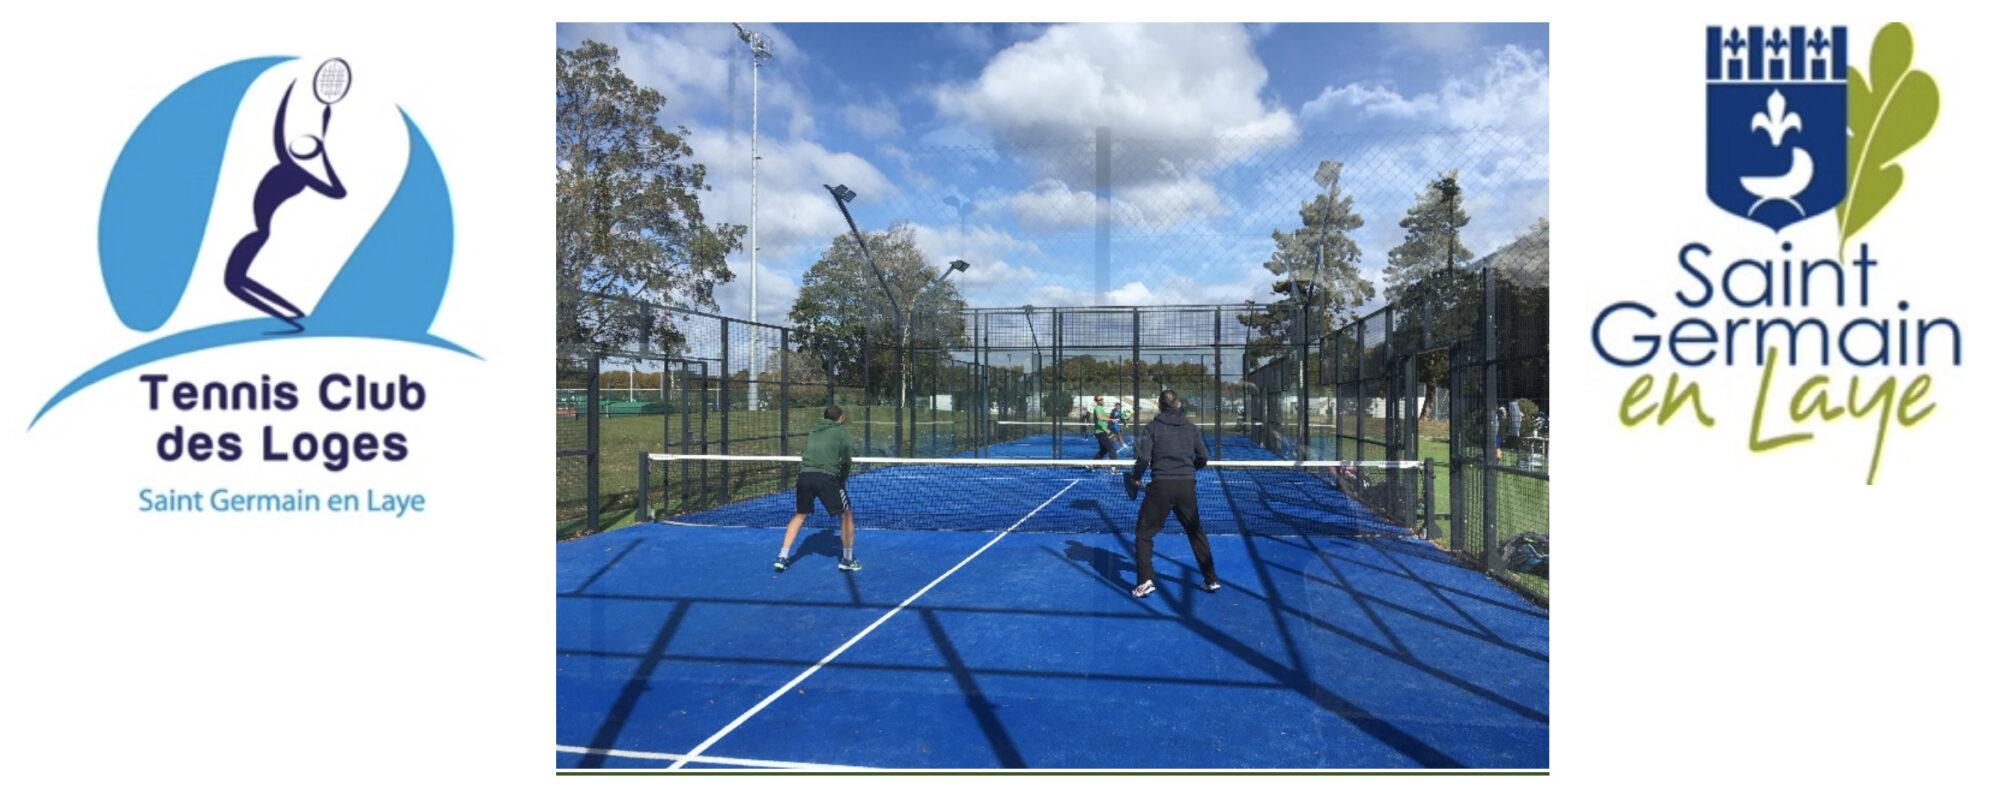 Turniere: Tennis Club des Loges in St Germain en Laye